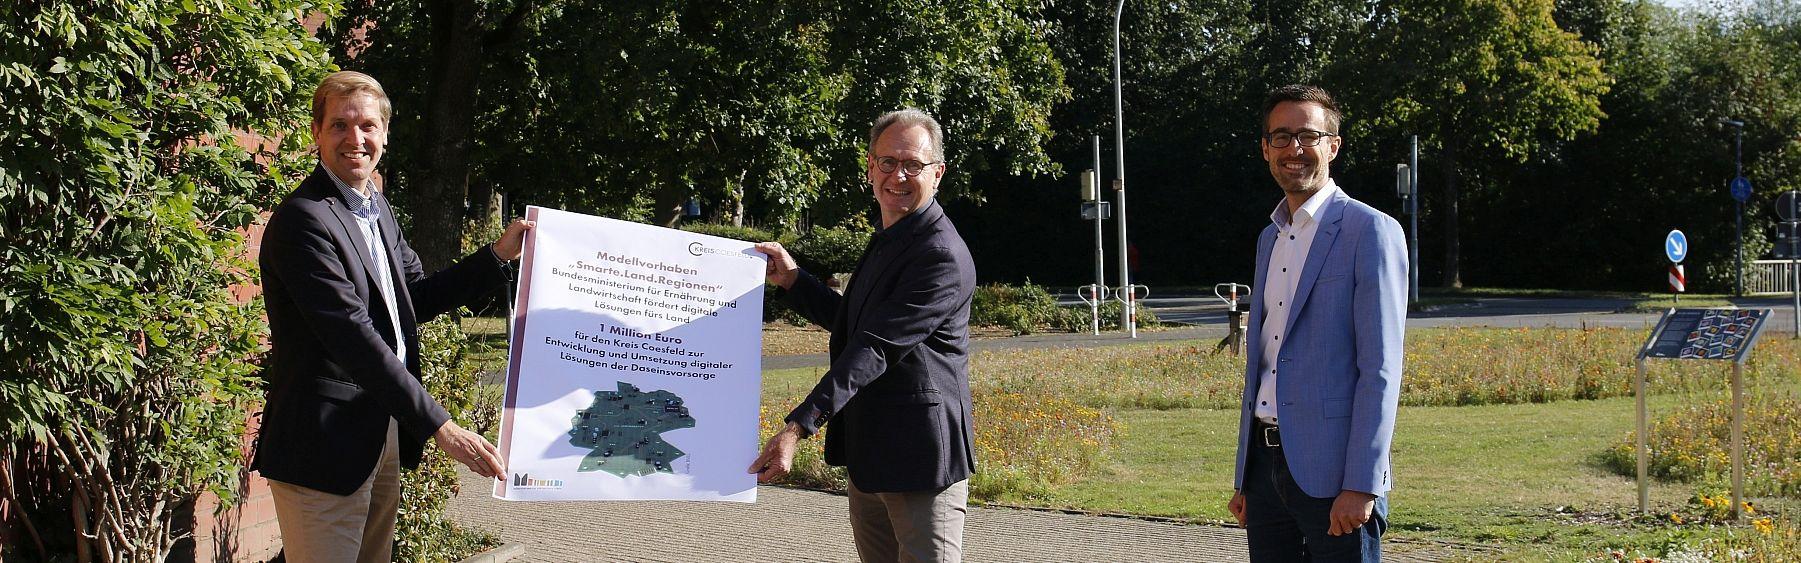 Kreis Coesfeld erhält eine Million Euro für digitale Projekte